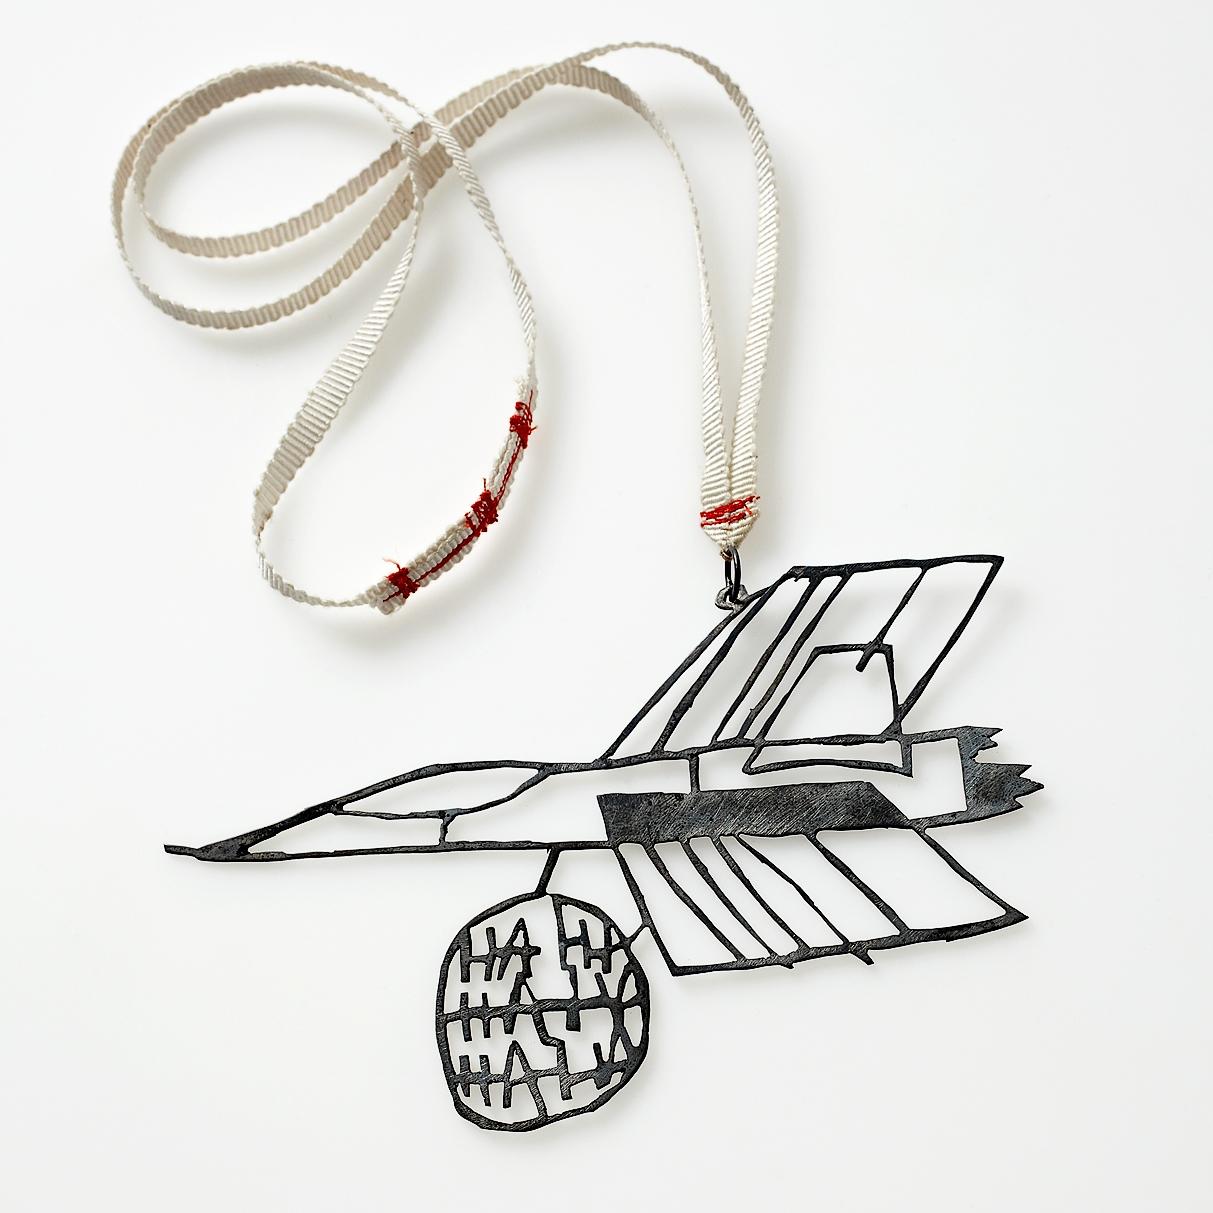 Pernille Mouritzen, Bush-jet, halssieraad. Collectie Statens Kunstfond, SKFK-2011-046, Foto MAKK